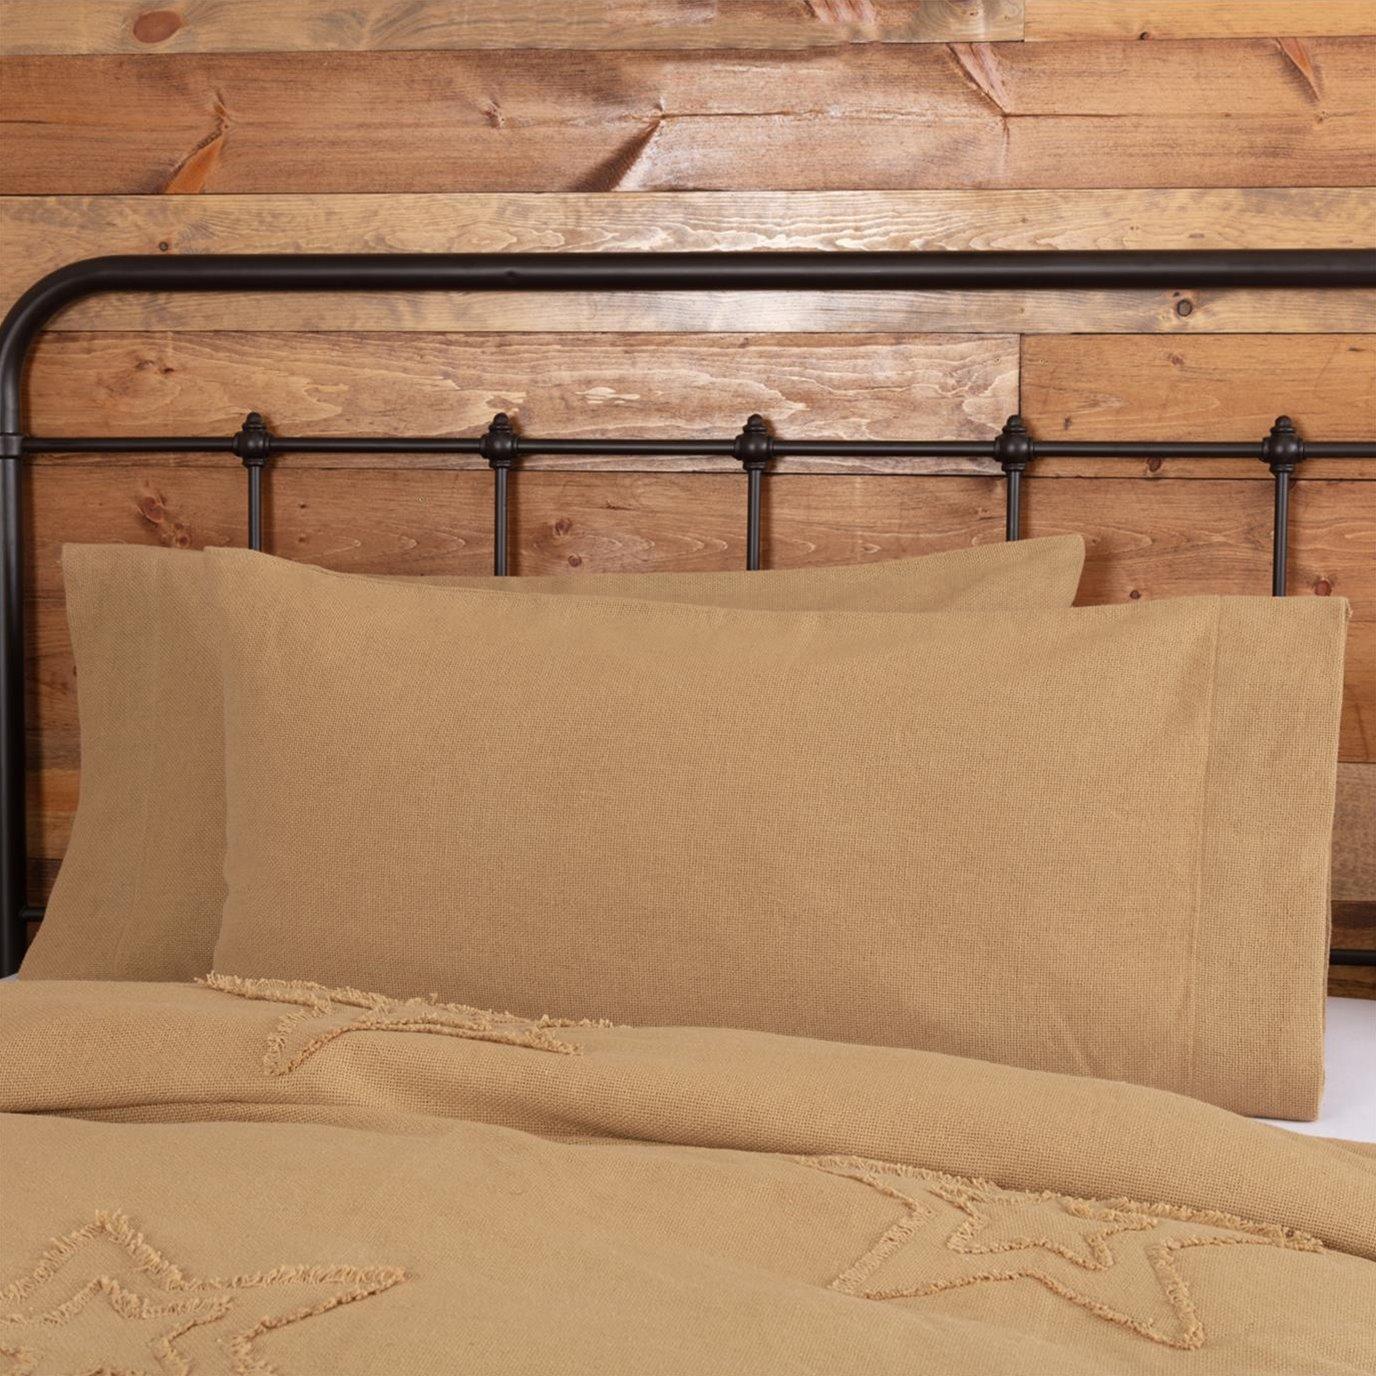 Burlap Natural King Pillow Case Set of 2 21x40